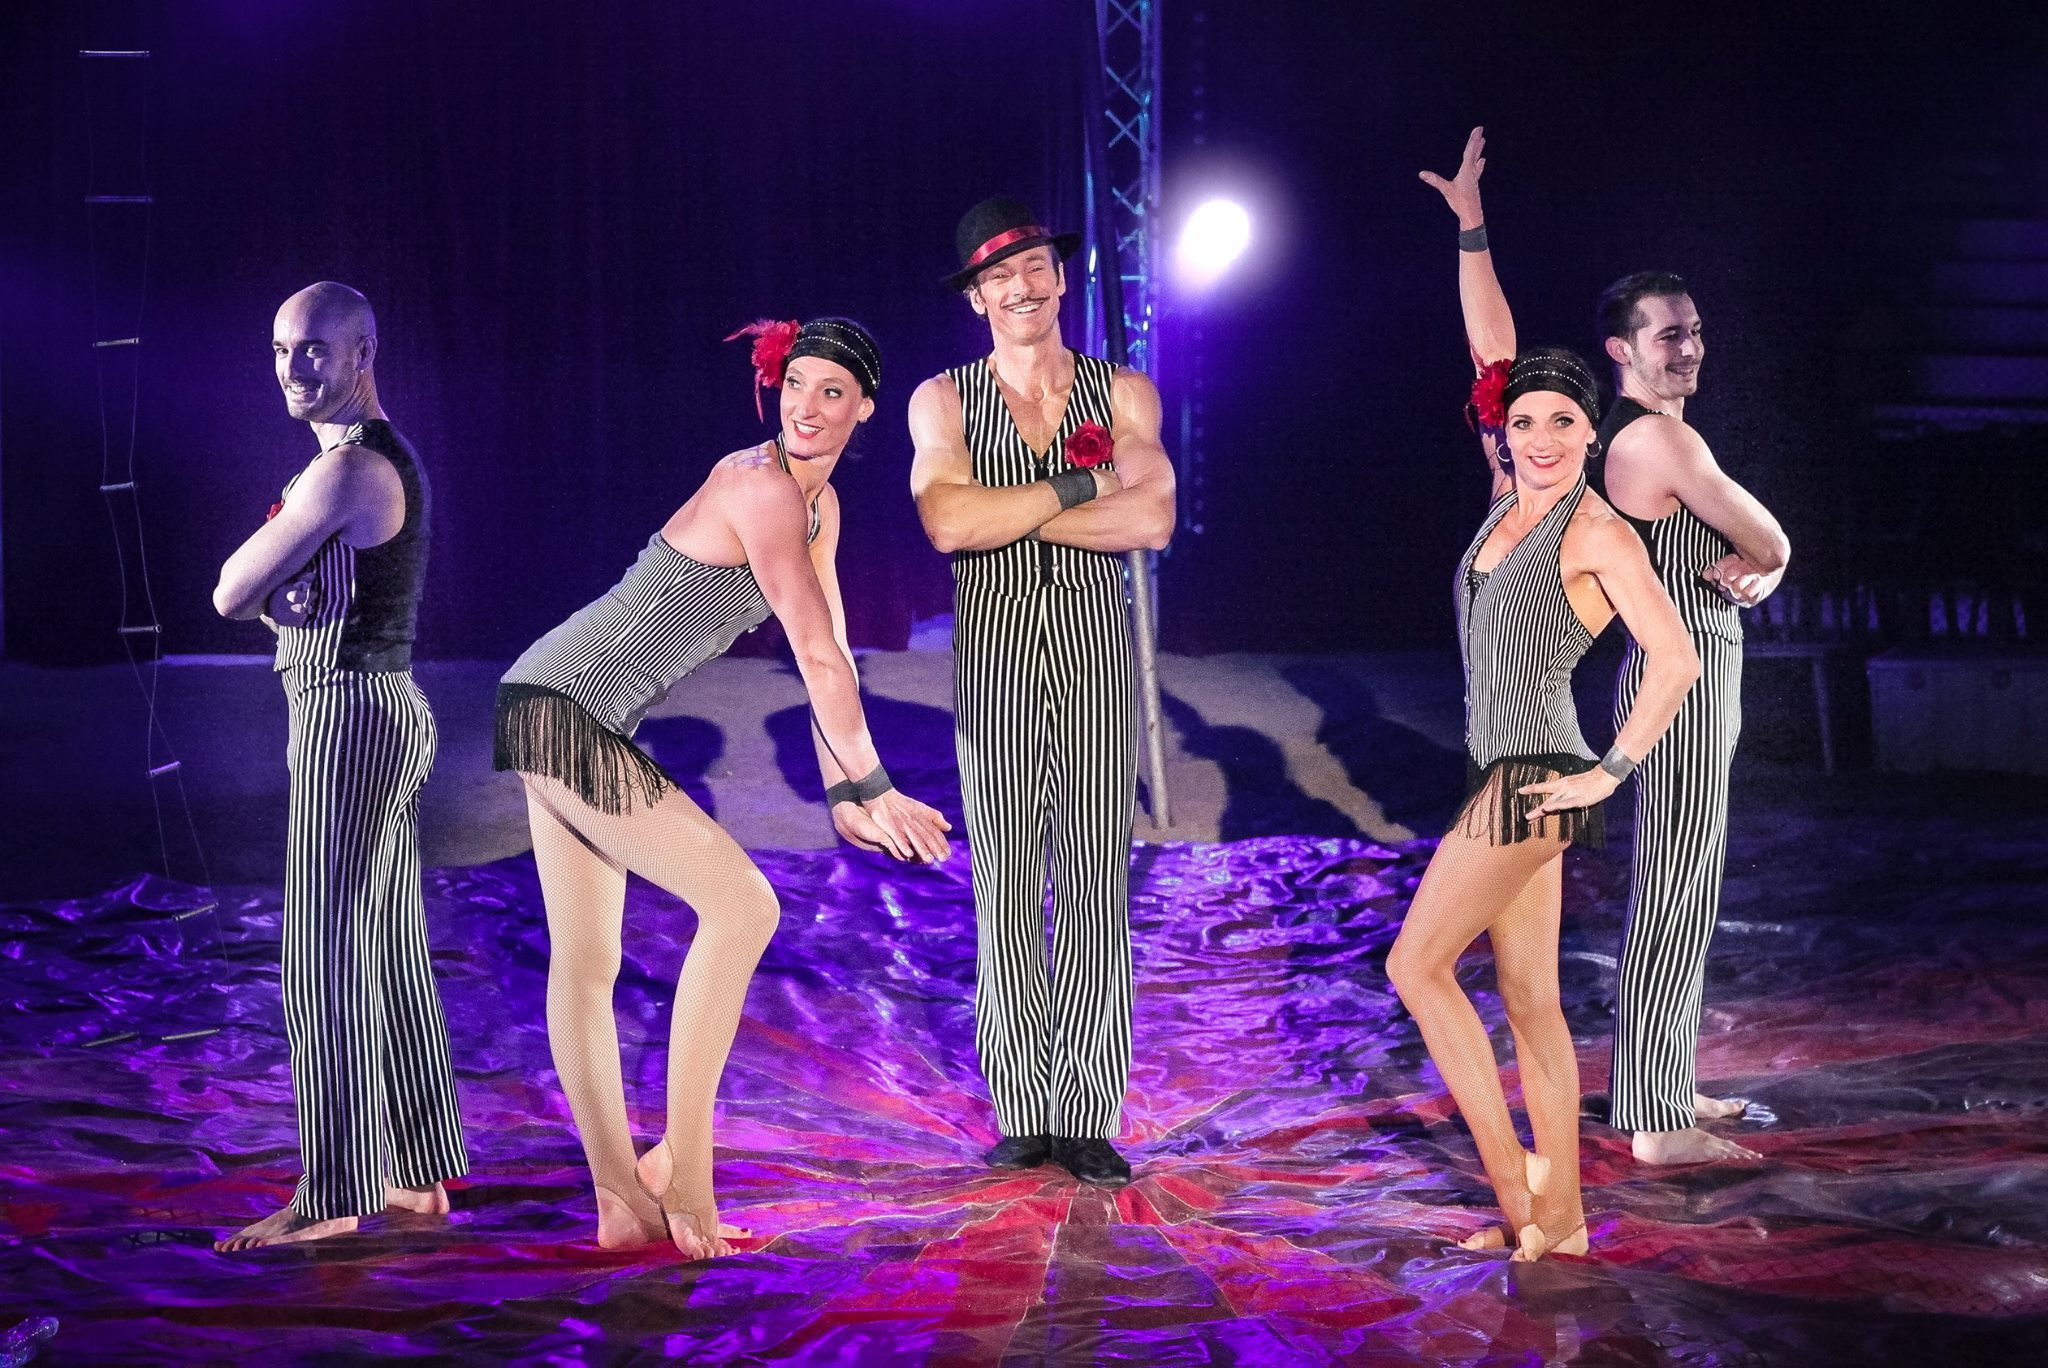 Les Années Vol  European Circus Festival